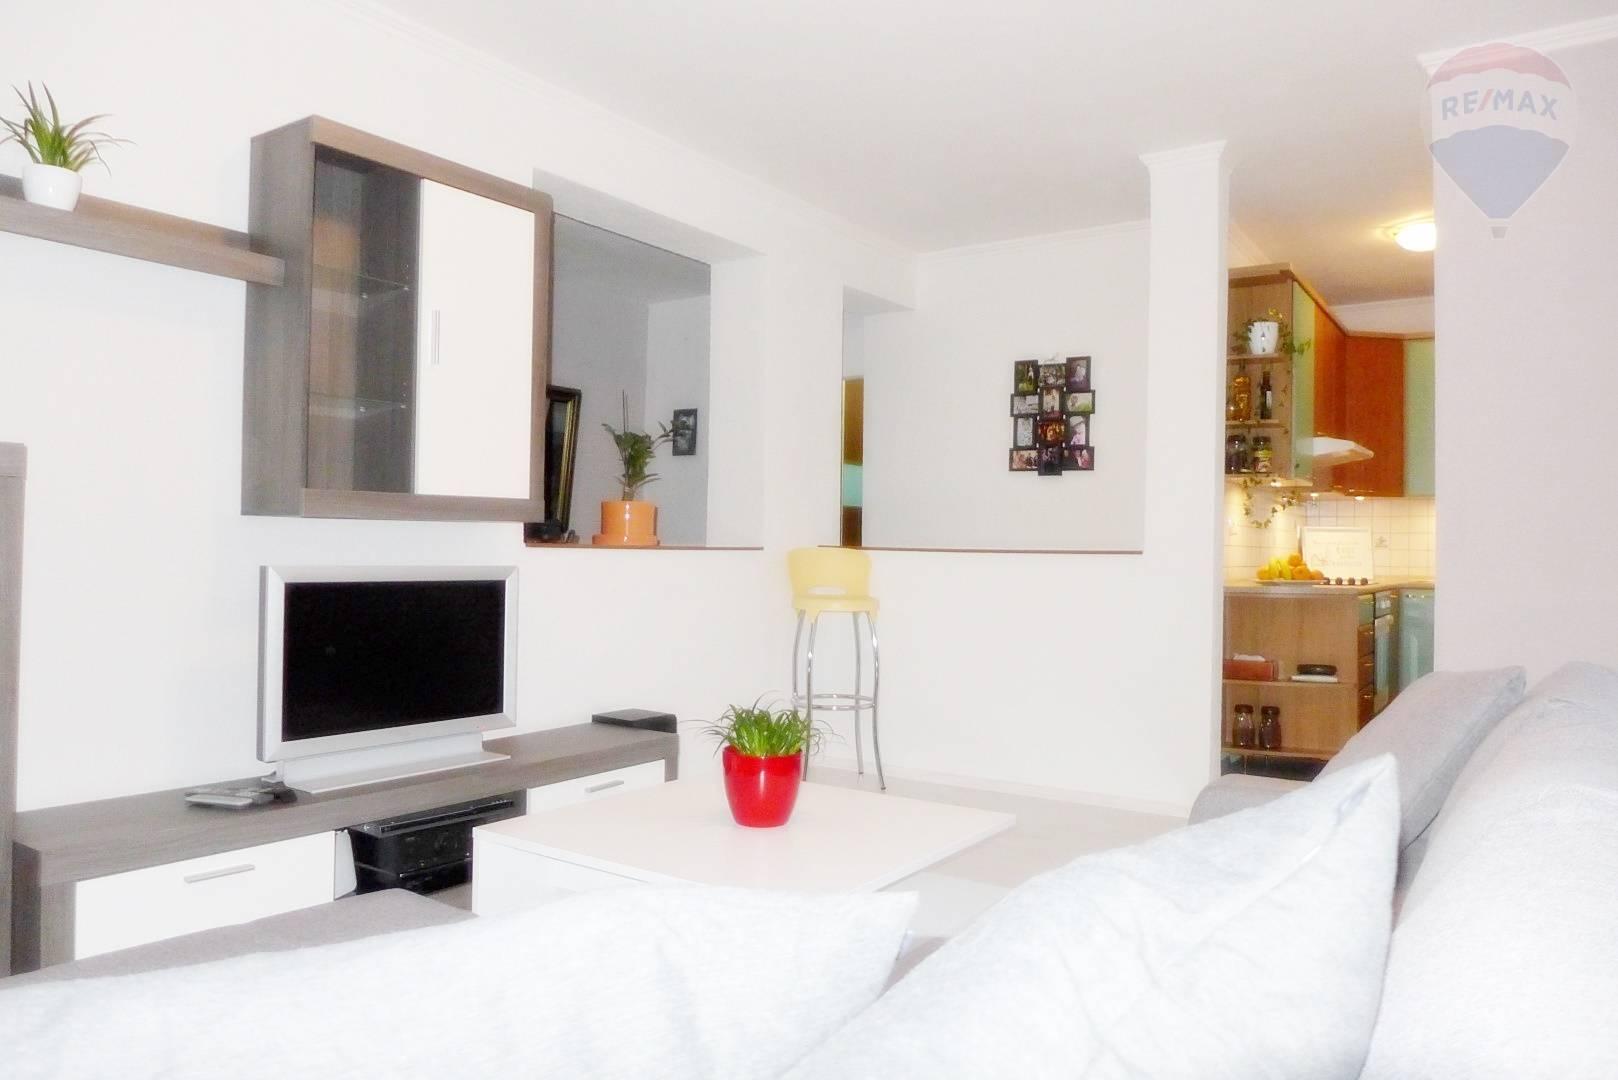 2 izbový byt, 53 m2, lódzia - kompletná rekonštrukcia, ul.B.Bjornsona - Staré sídlisko - PRIEVIDZA